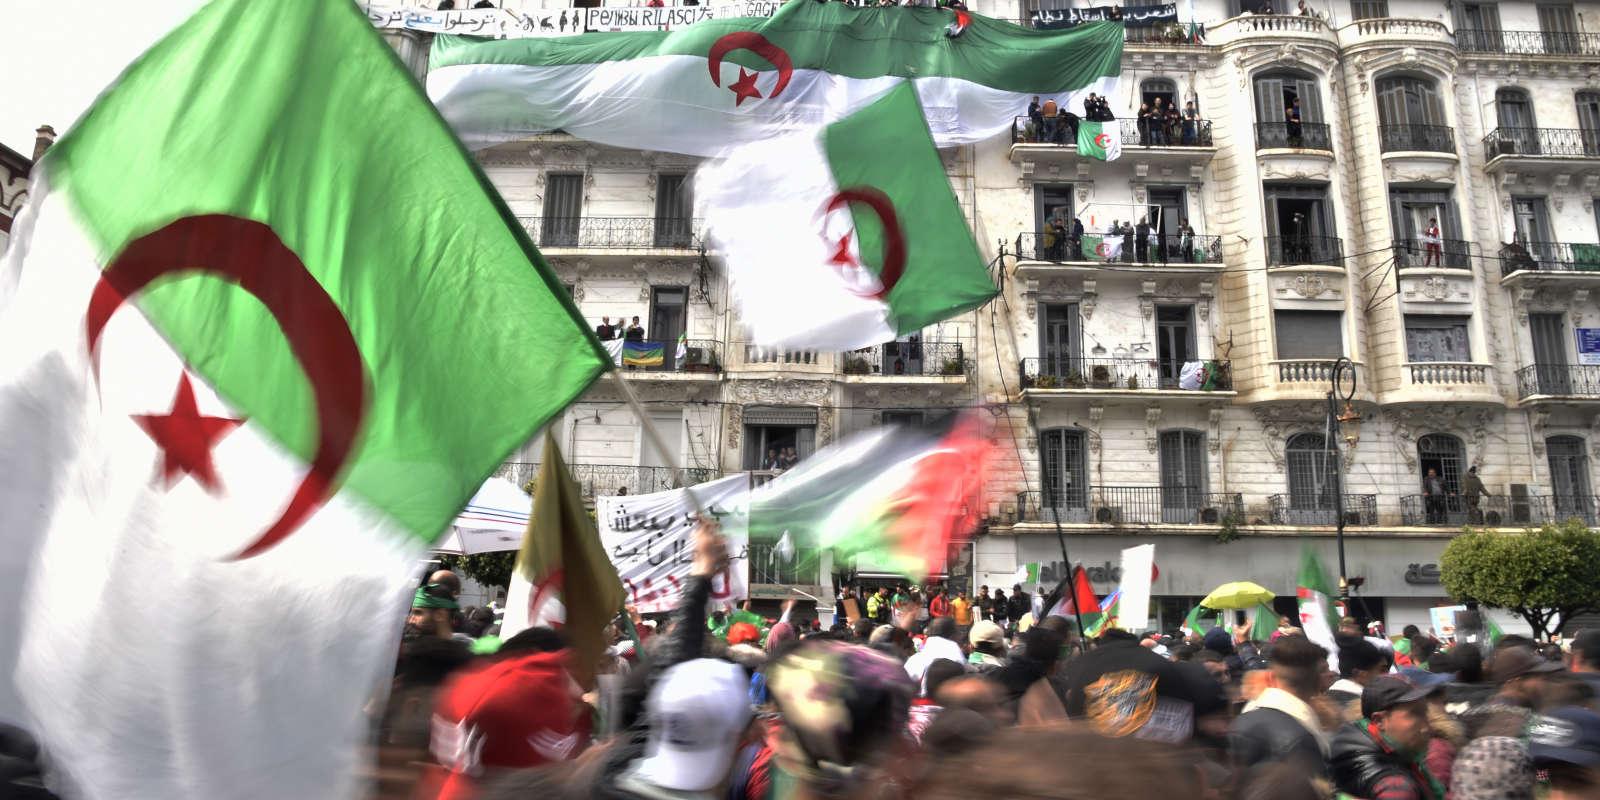 Manifestations contre le président Bouteflika, à Alger, le 22 mars.